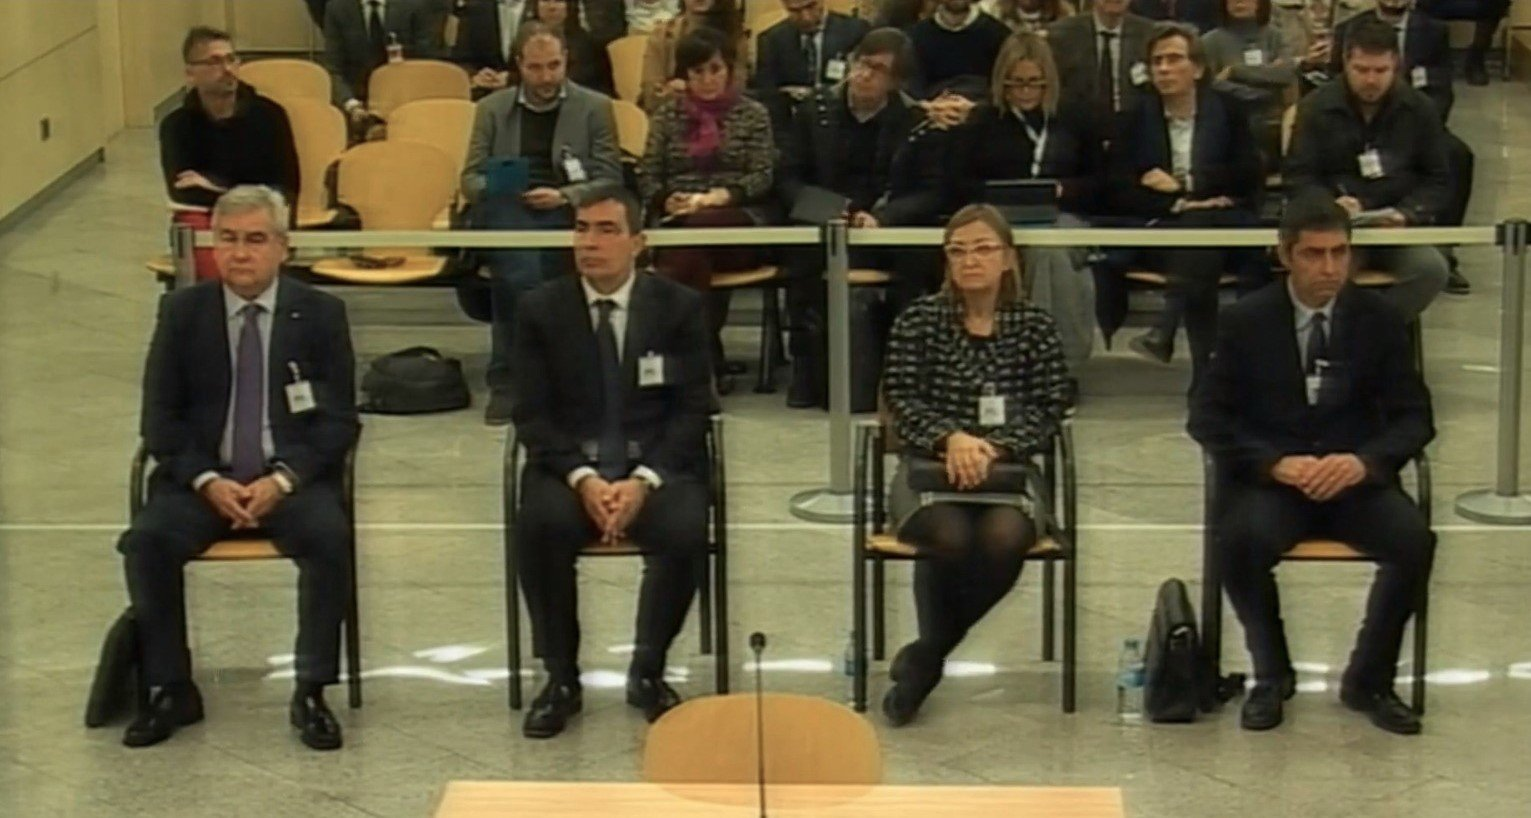 al Major dels Mossos, Josep Lluís Trapero, a la seu e l'Audiència Na